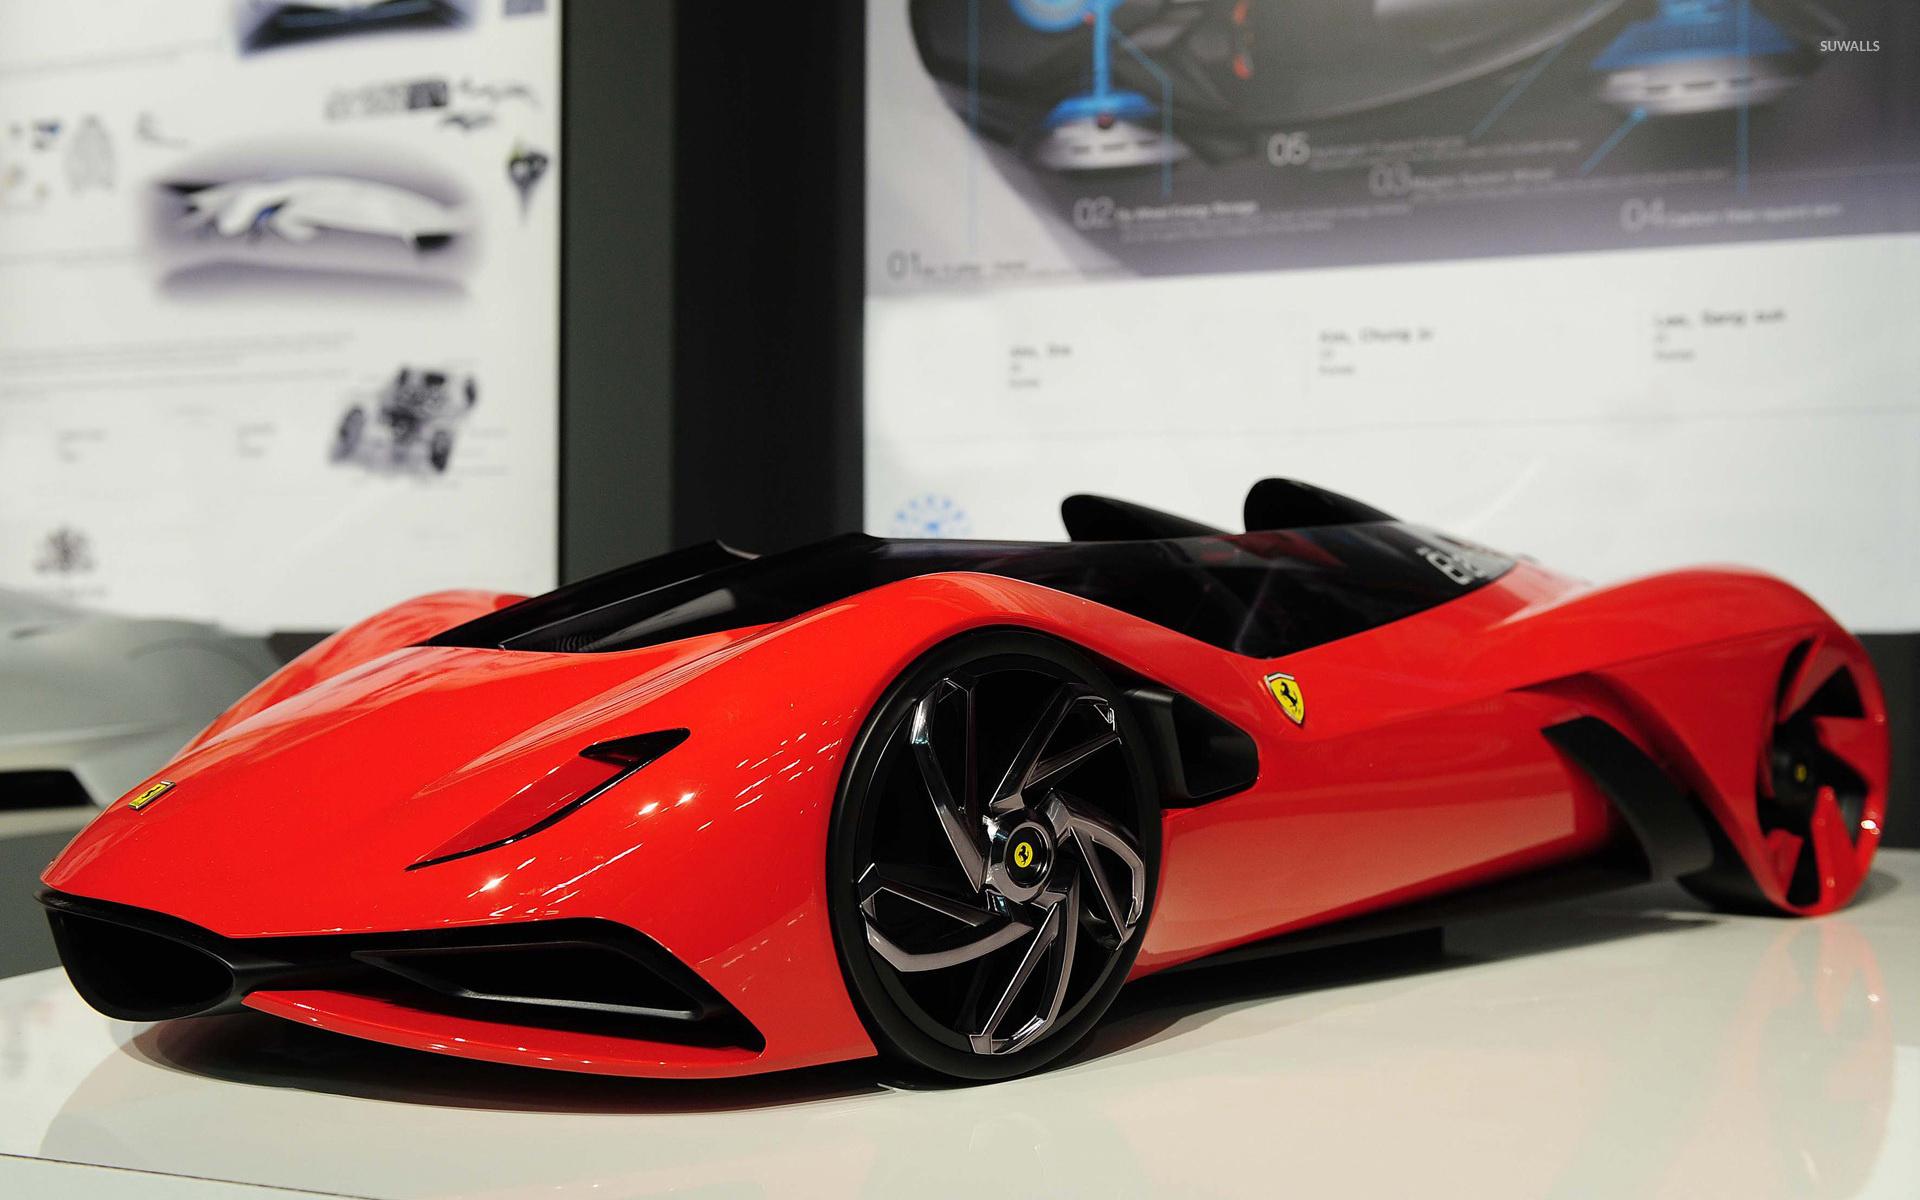 Ferrari Concept Wallpaper Car Wallpapers 33127